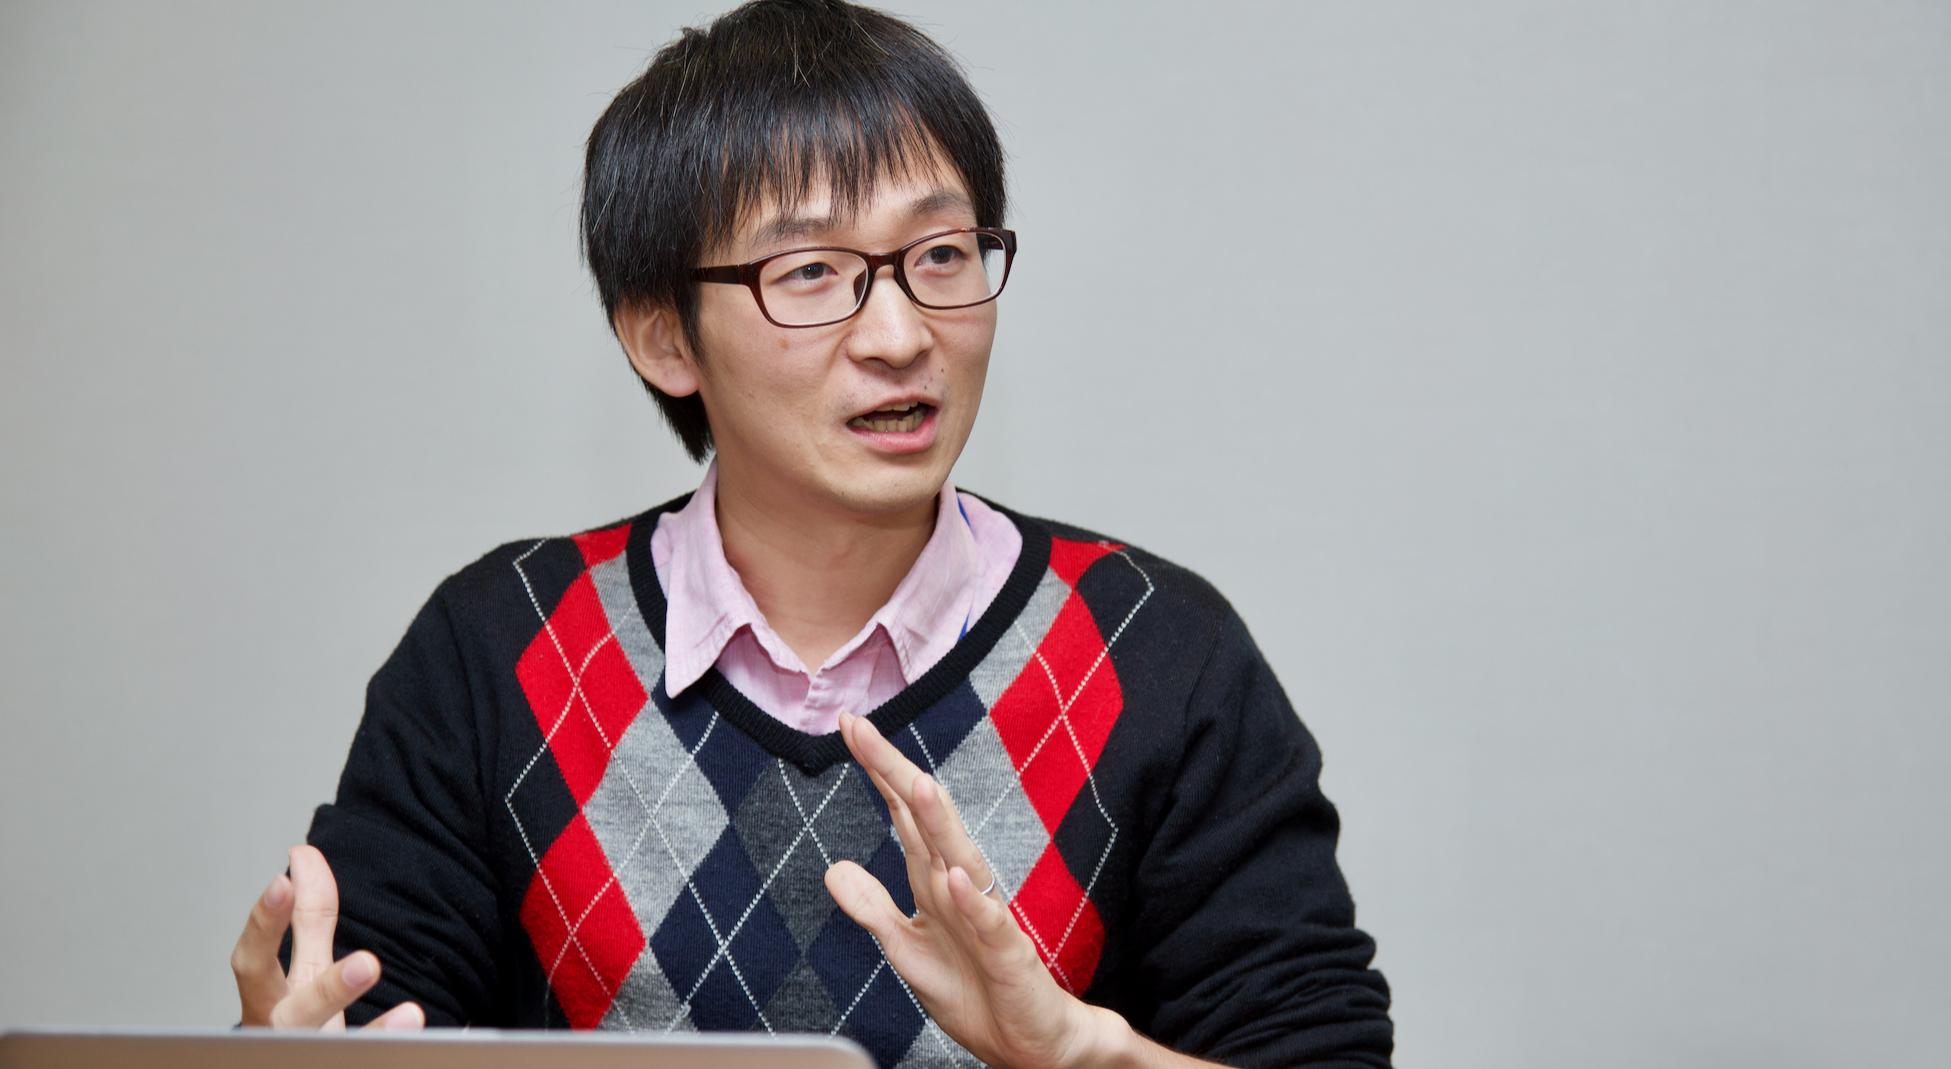 経営直下のSEO改善プロジェクトでチームリーダーを担った村山宗栄氏。